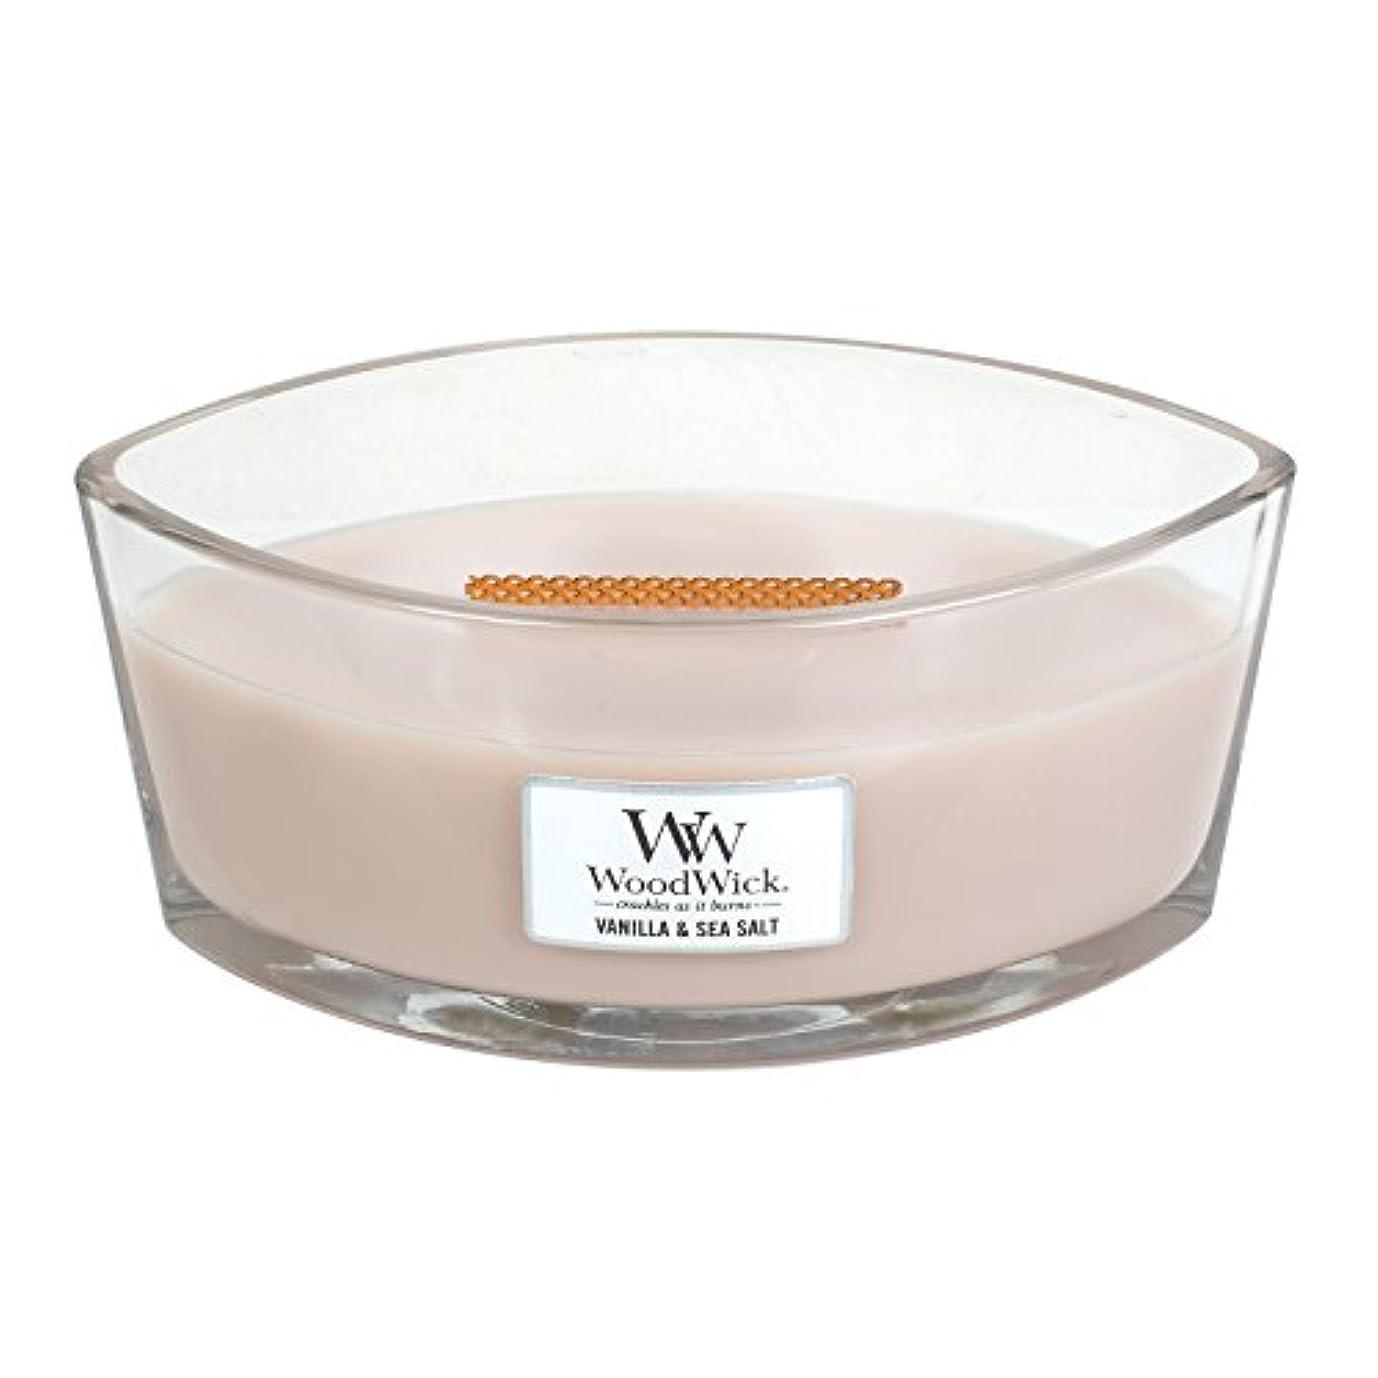 オーバードロースーツケース枕WoodWick VANILLA & SEA SALT, Highly Scented Candle, Ellipse Glass Jar with Original HearthWick Flame, Large 18cm, 470ml